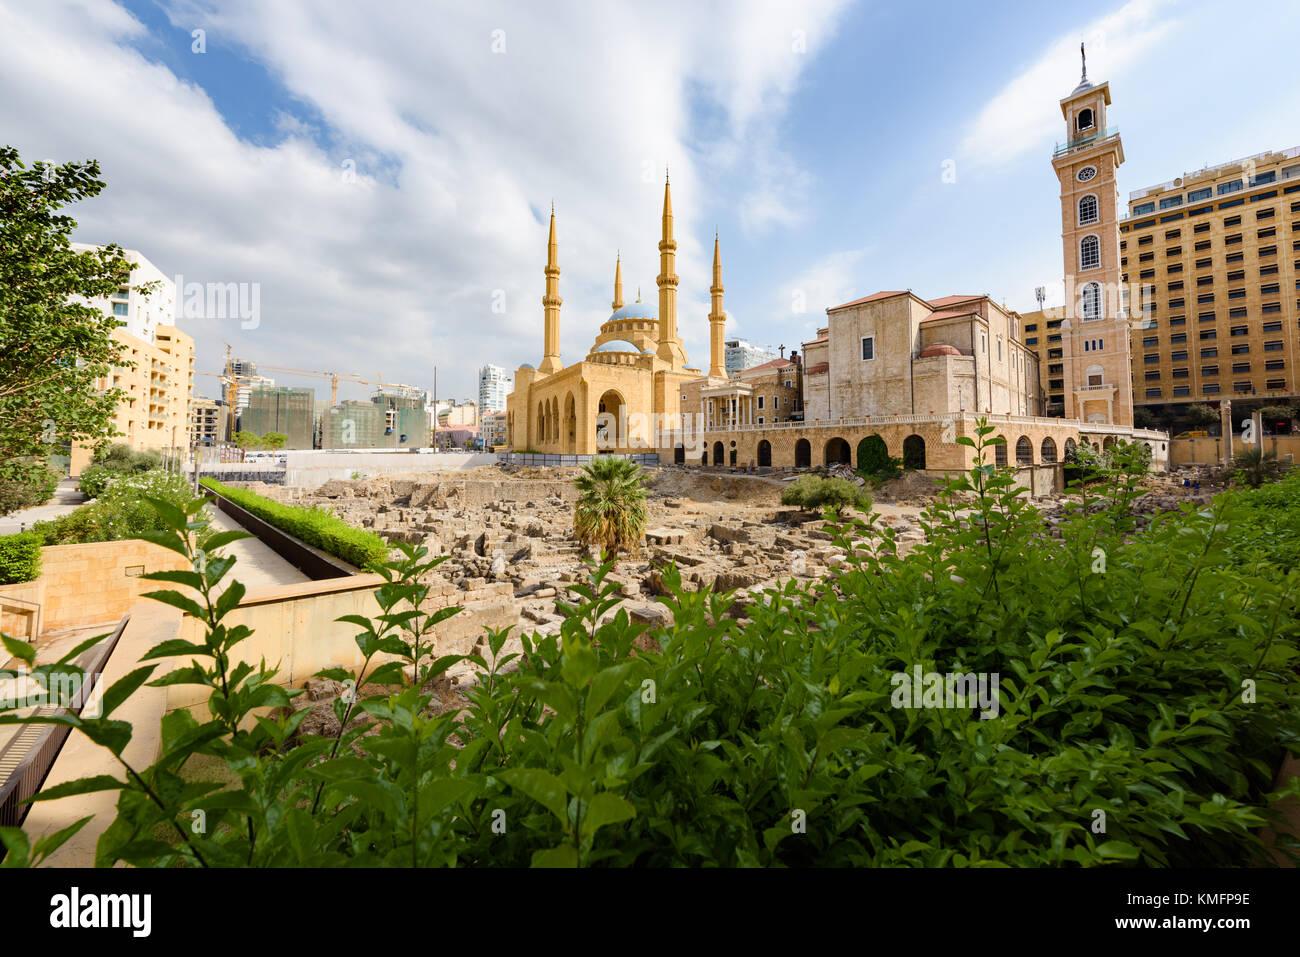 Saint George cathédrale maronite et Mohammad al amine mosquée bleue à travers les ruines romaines au centre-ville Banque D'Images